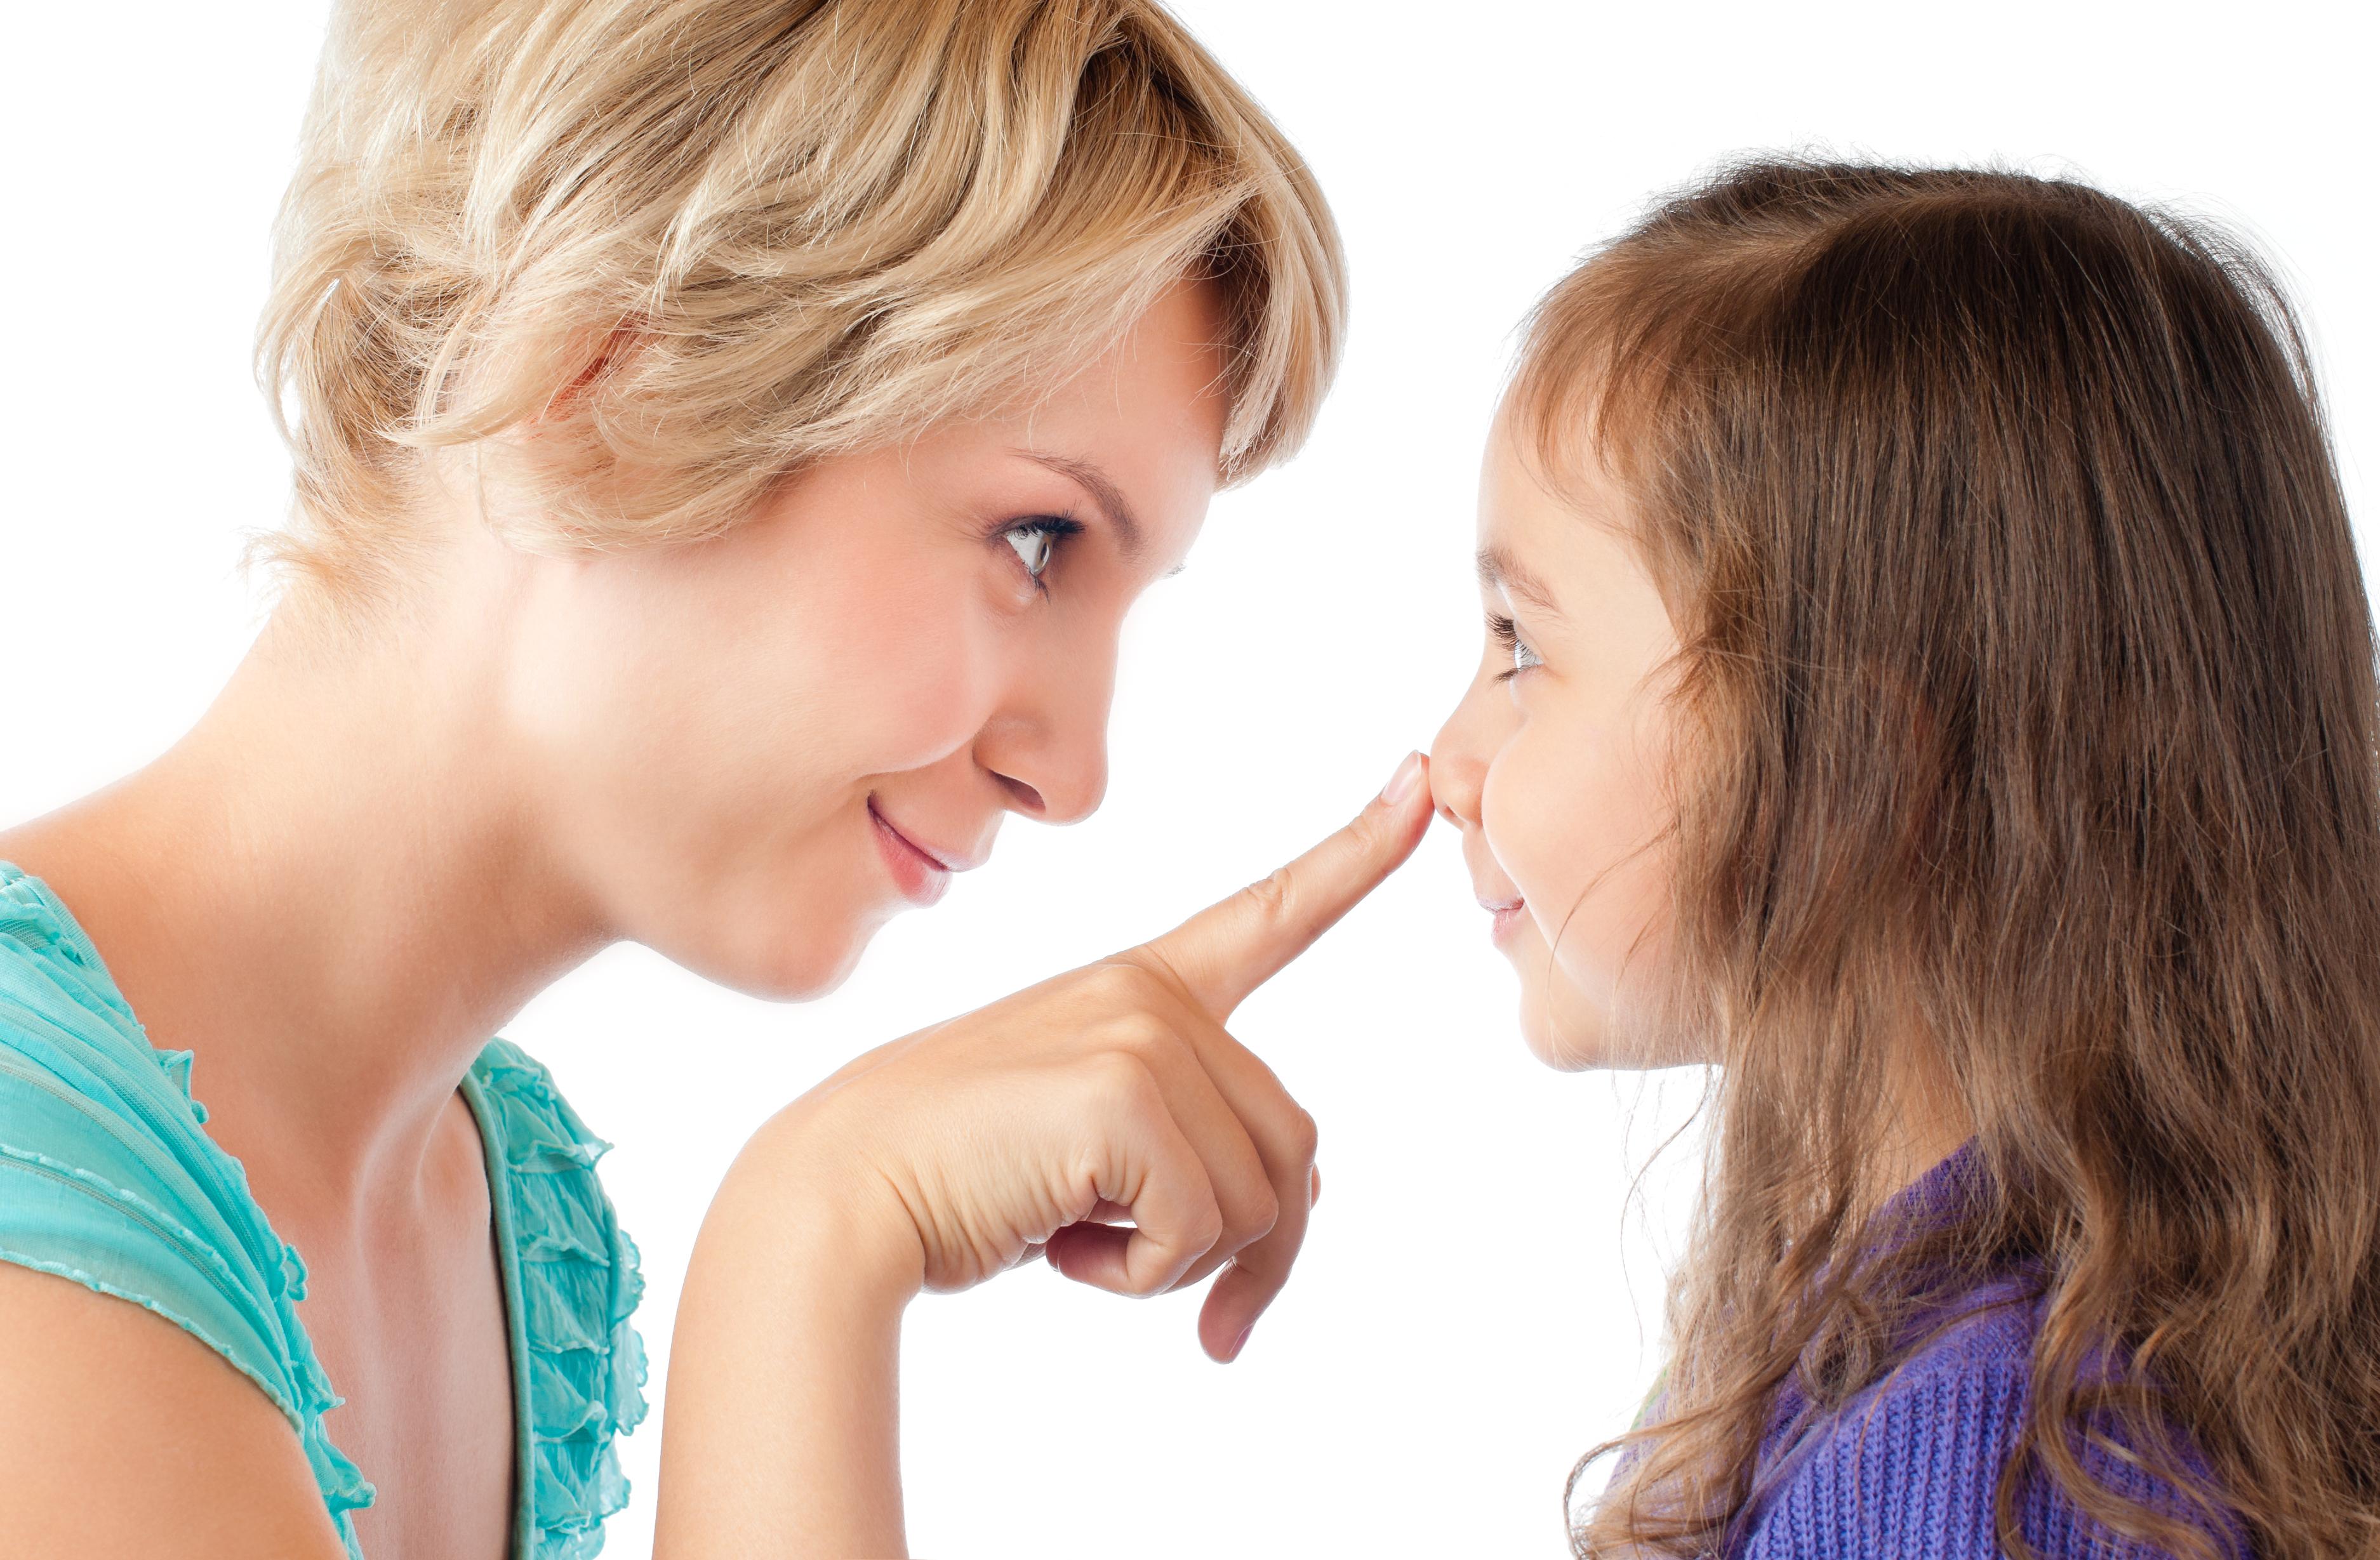 Az orrfújás alapja, hogy a gyermek ismerje az orrát, tudja, hogy mire való és hogyan működik